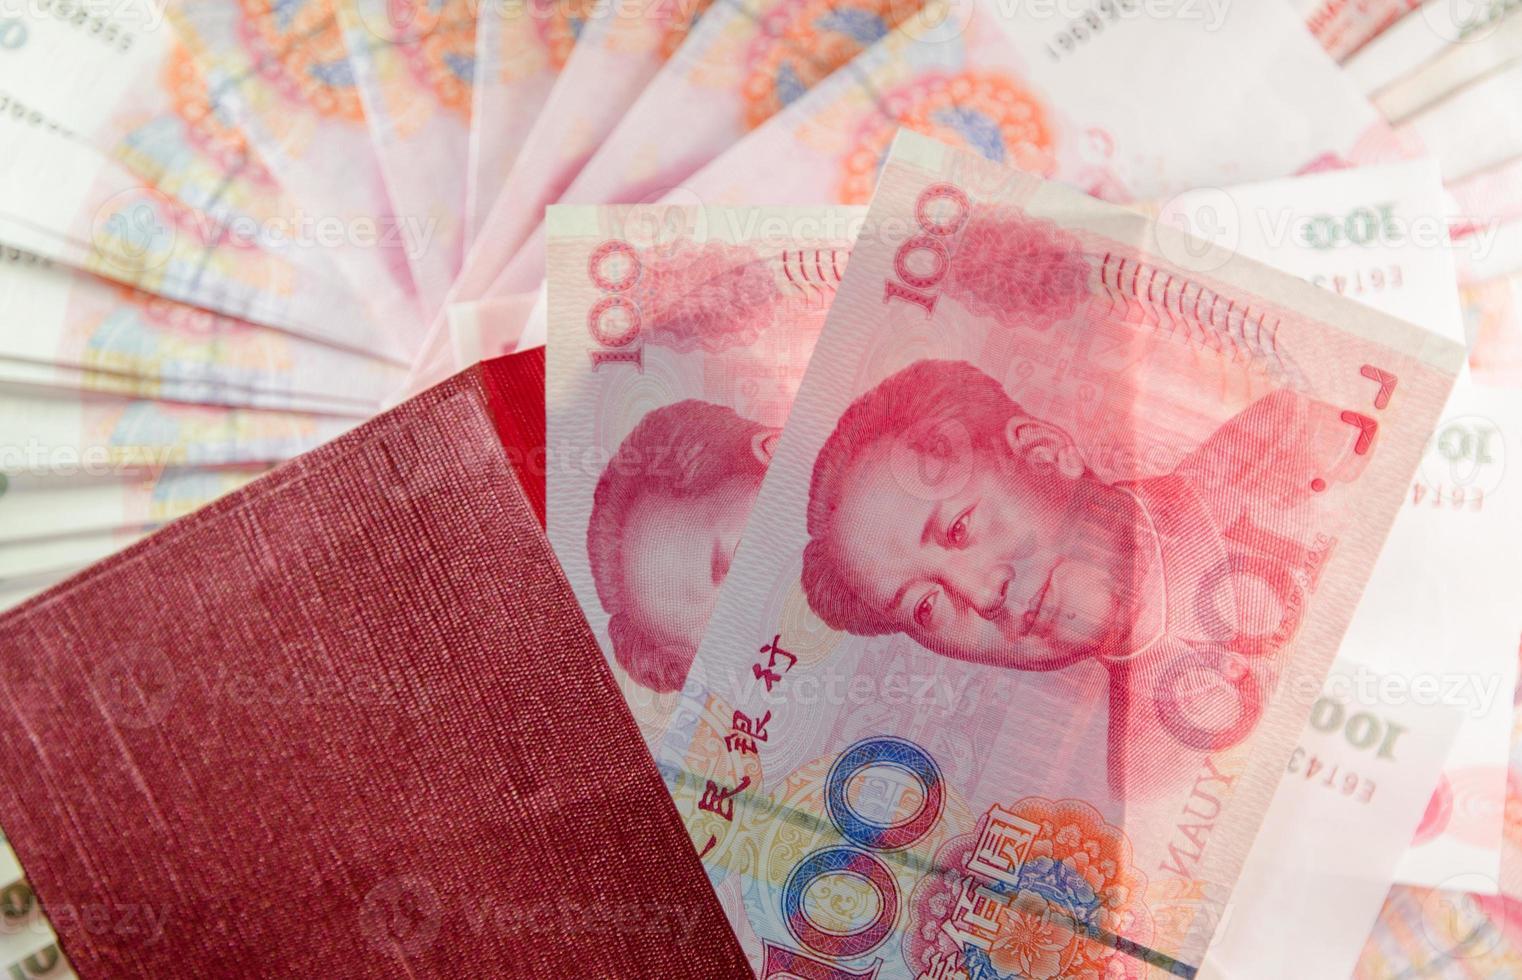 RMB 100 yuan photo